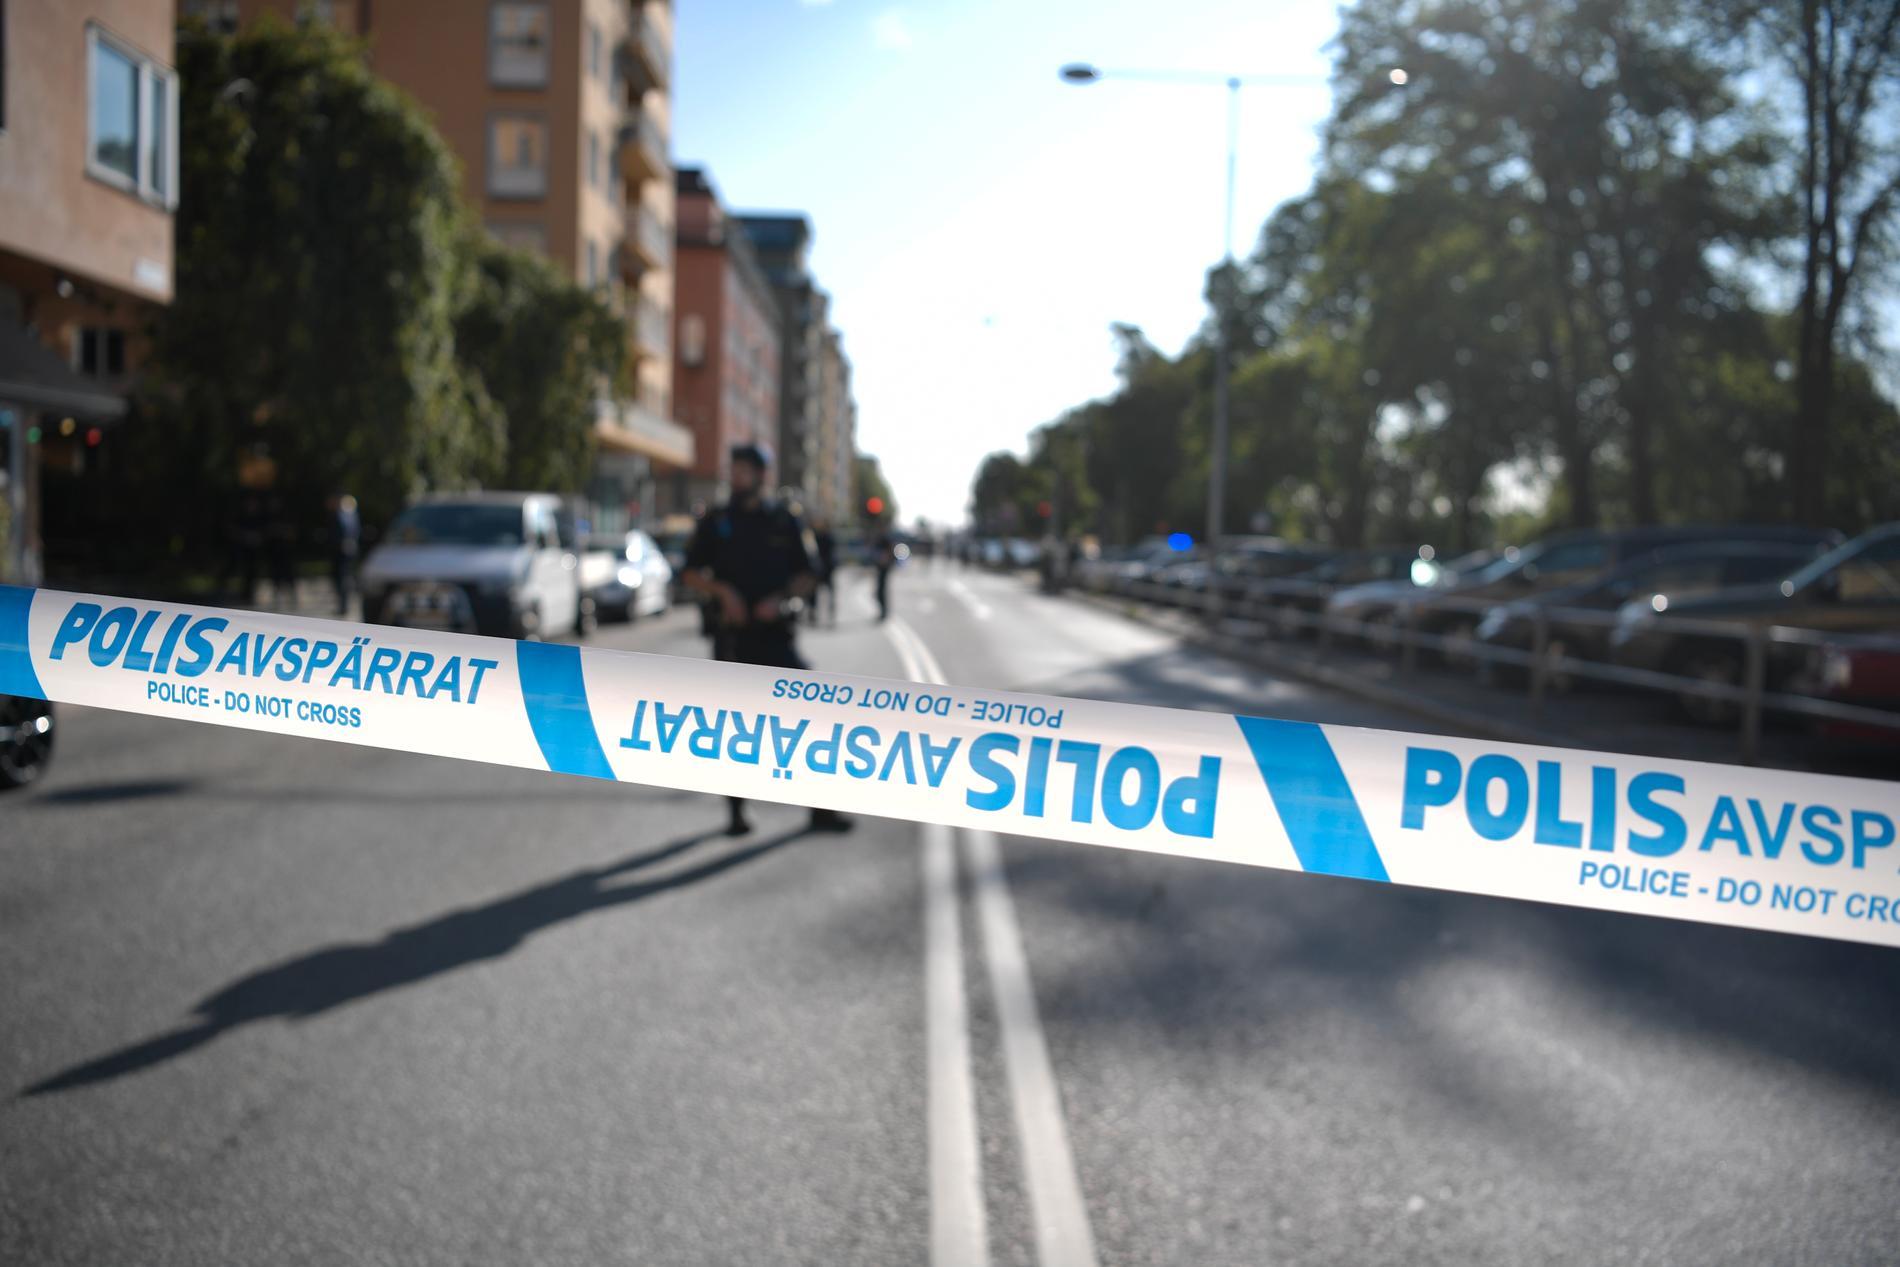 Polisavspärrningar på Kungsholmen i Stockholm, efter att advokaten i september 2019 utsattes för ett mordförsök. Tre personer är nu häktade för att ha planerat ett mord på honom hösten 2018. Arkivbild.